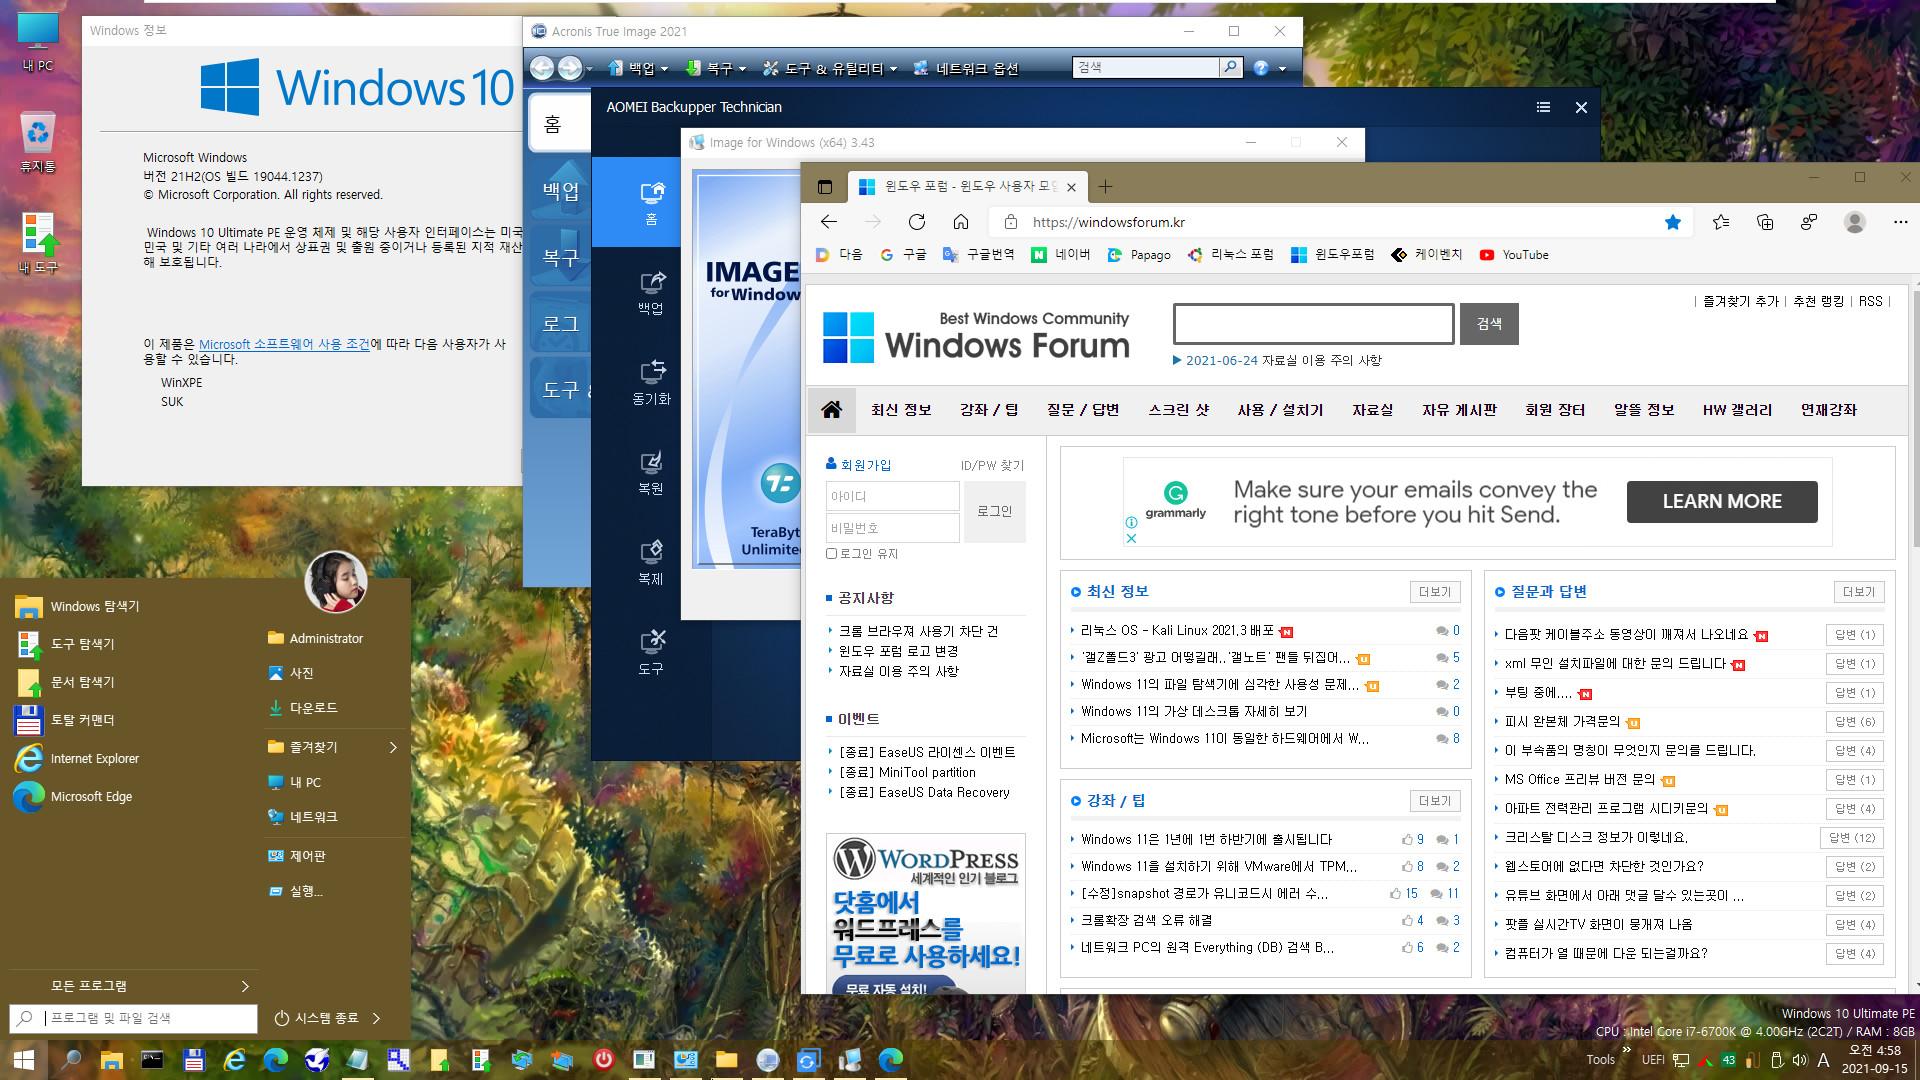 2021-09-15 정기 업데이트 - PRO x64 4개 버전 통합 - Windows 10 버전 2004, 빌드 19041.1237 + 버전 20H2, 빌드 19042.1237 + 버전 21H1, 빌드 19043.1237 + 버전 21H2, 빌드 19044.1237 - 공용 누적 업데이트 KB5005565 - 2021-09-15_045805.jpg